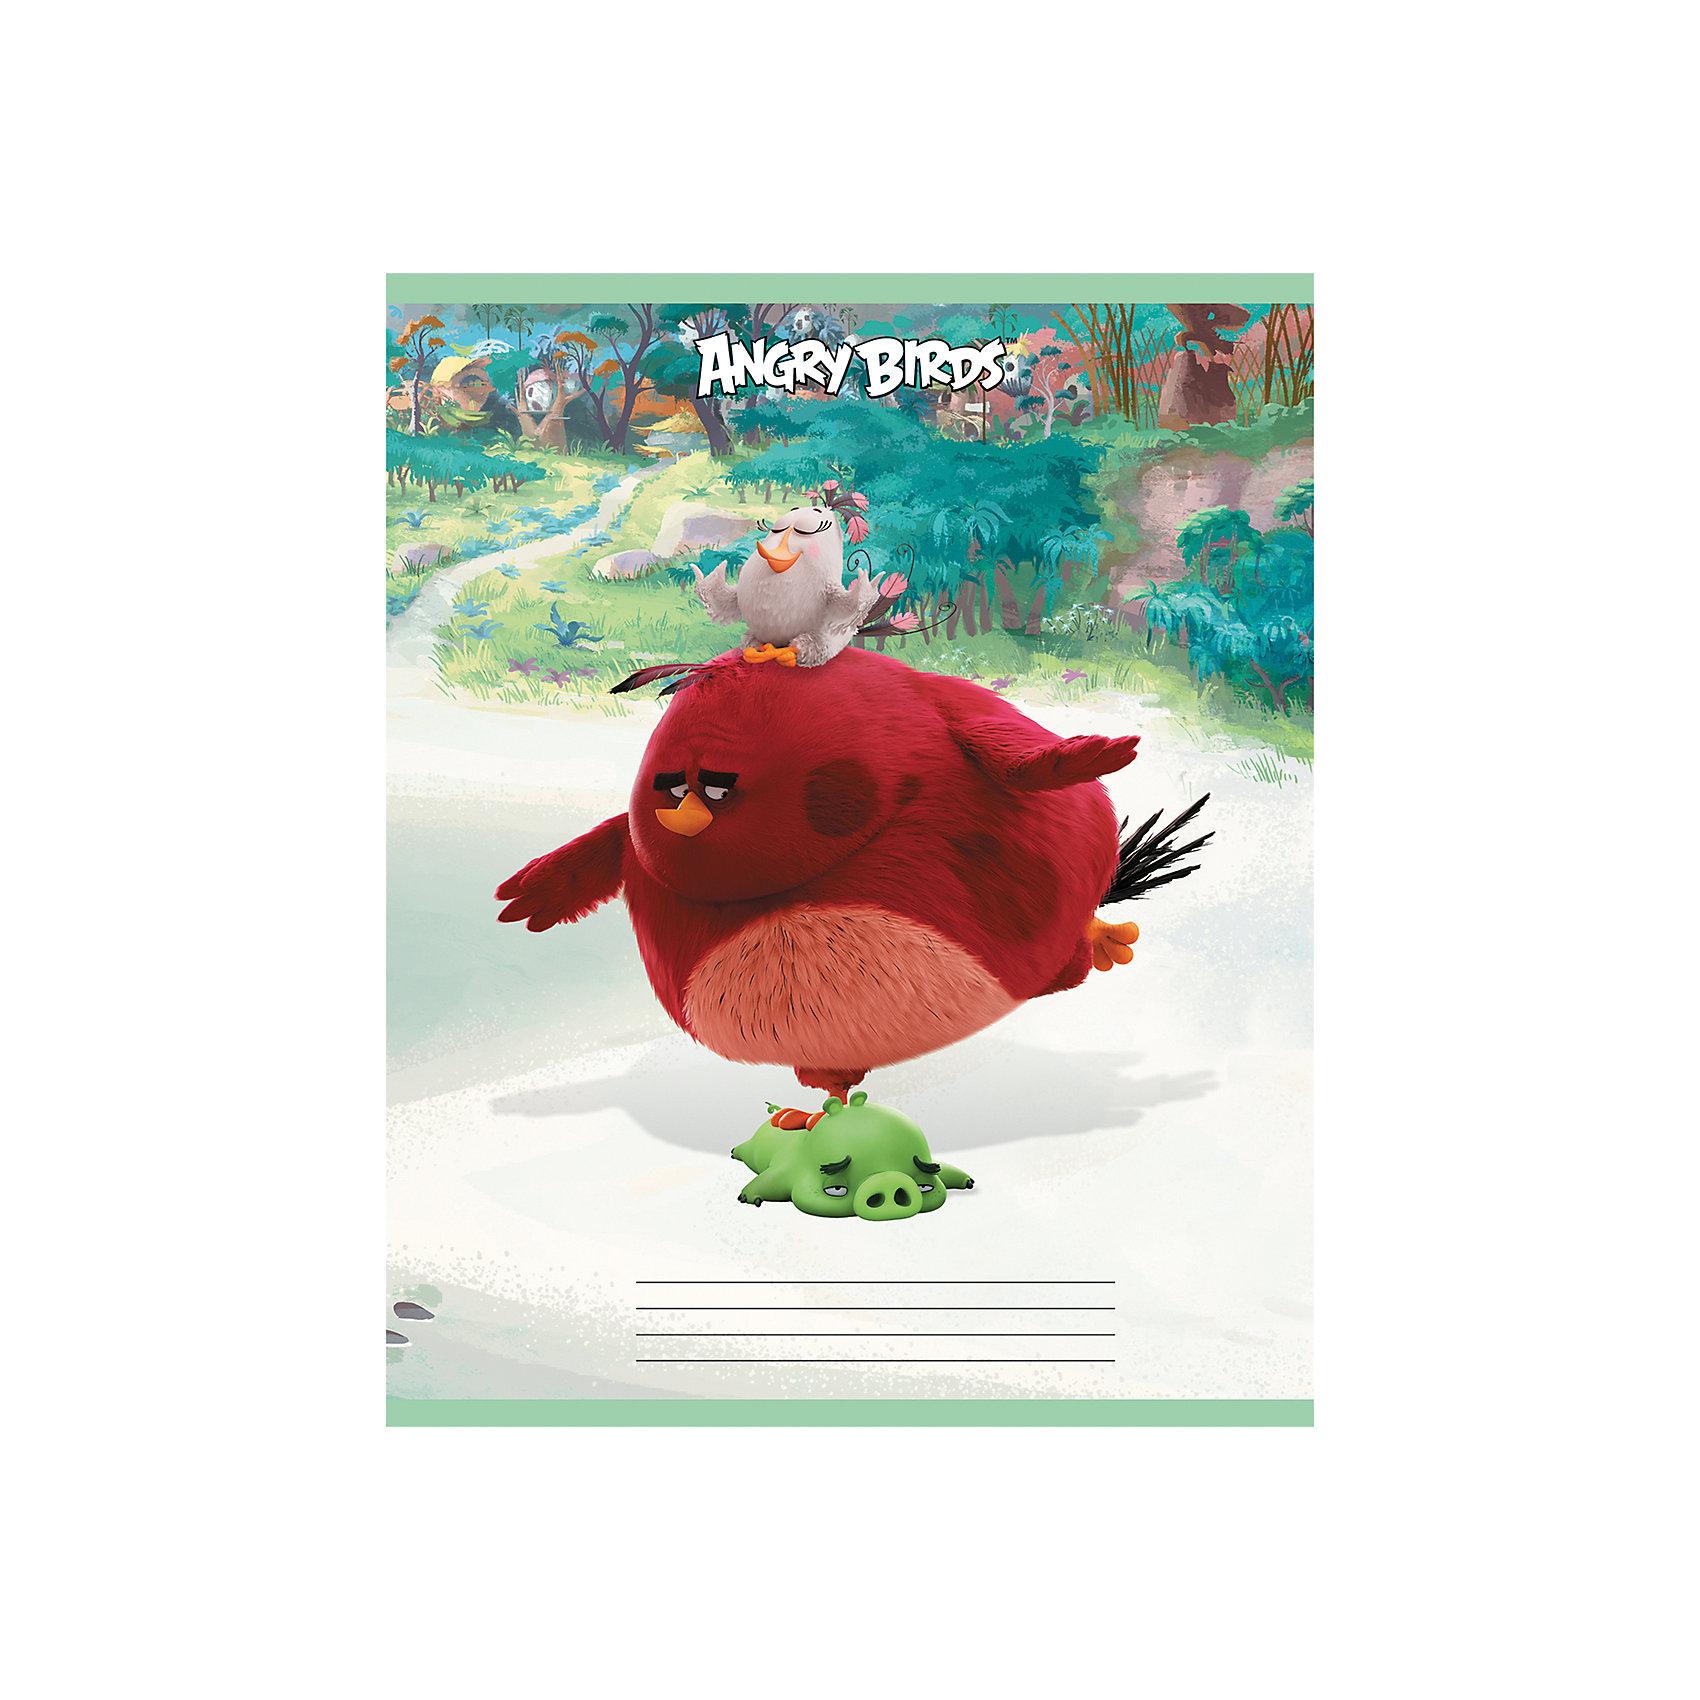 Дневник Хатбер, Angry BirdsЯркий универсальный дневник для учащихся младших и старших классов. Твердая обложка надежно защищает бумагу и долго сохраняет привлекательный внешний вид.<br><br>Дополнительная информация:<br><br>- Твердый переплет.<br>- Обложка с ламинацией.<br>- Внутренний блок - офсет.<br>- Размер упаковки: 21,5х17х0,9 см.<br>-  Вес в упаковке: 235 г.<br><br>Дневник Хатбер Angry Birds можно купить в нашем магазине.<br><br>Ширина мм: 215<br>Глубина мм: 170<br>Высота мм: 9<br>Вес г: 235<br>Возраст от месяцев: 72<br>Возраст до месяцев: 204<br>Пол: Унисекс<br>Возраст: Детский<br>SKU: 4792790